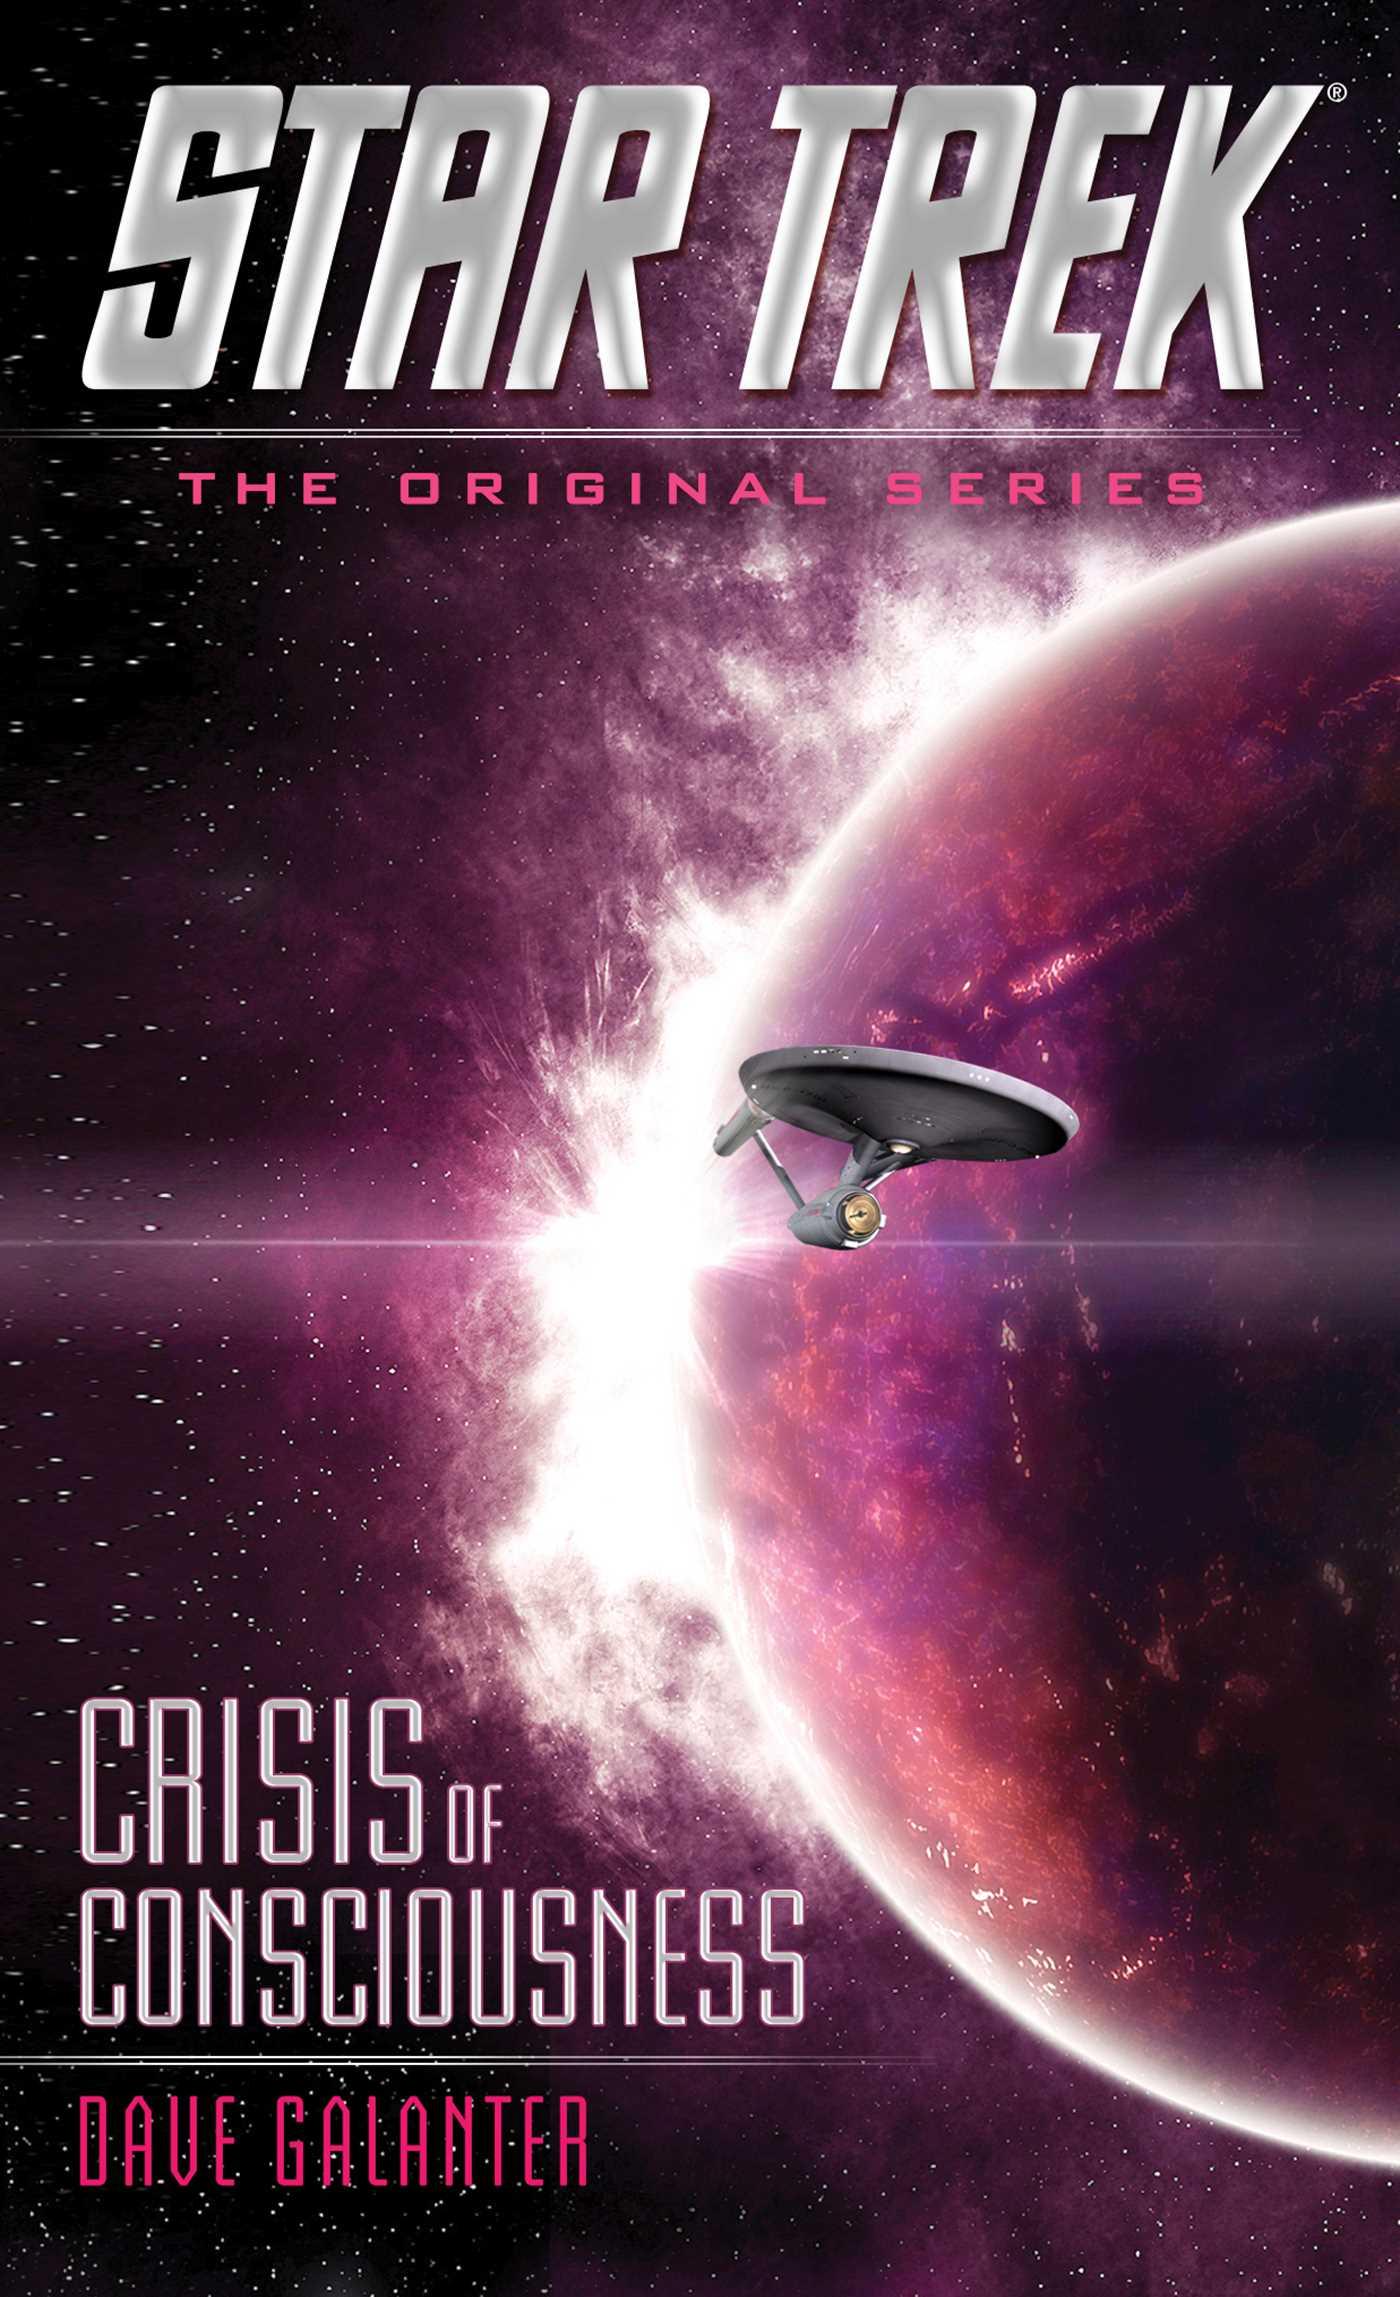 Crisis of consciousness 9781476782607 hr